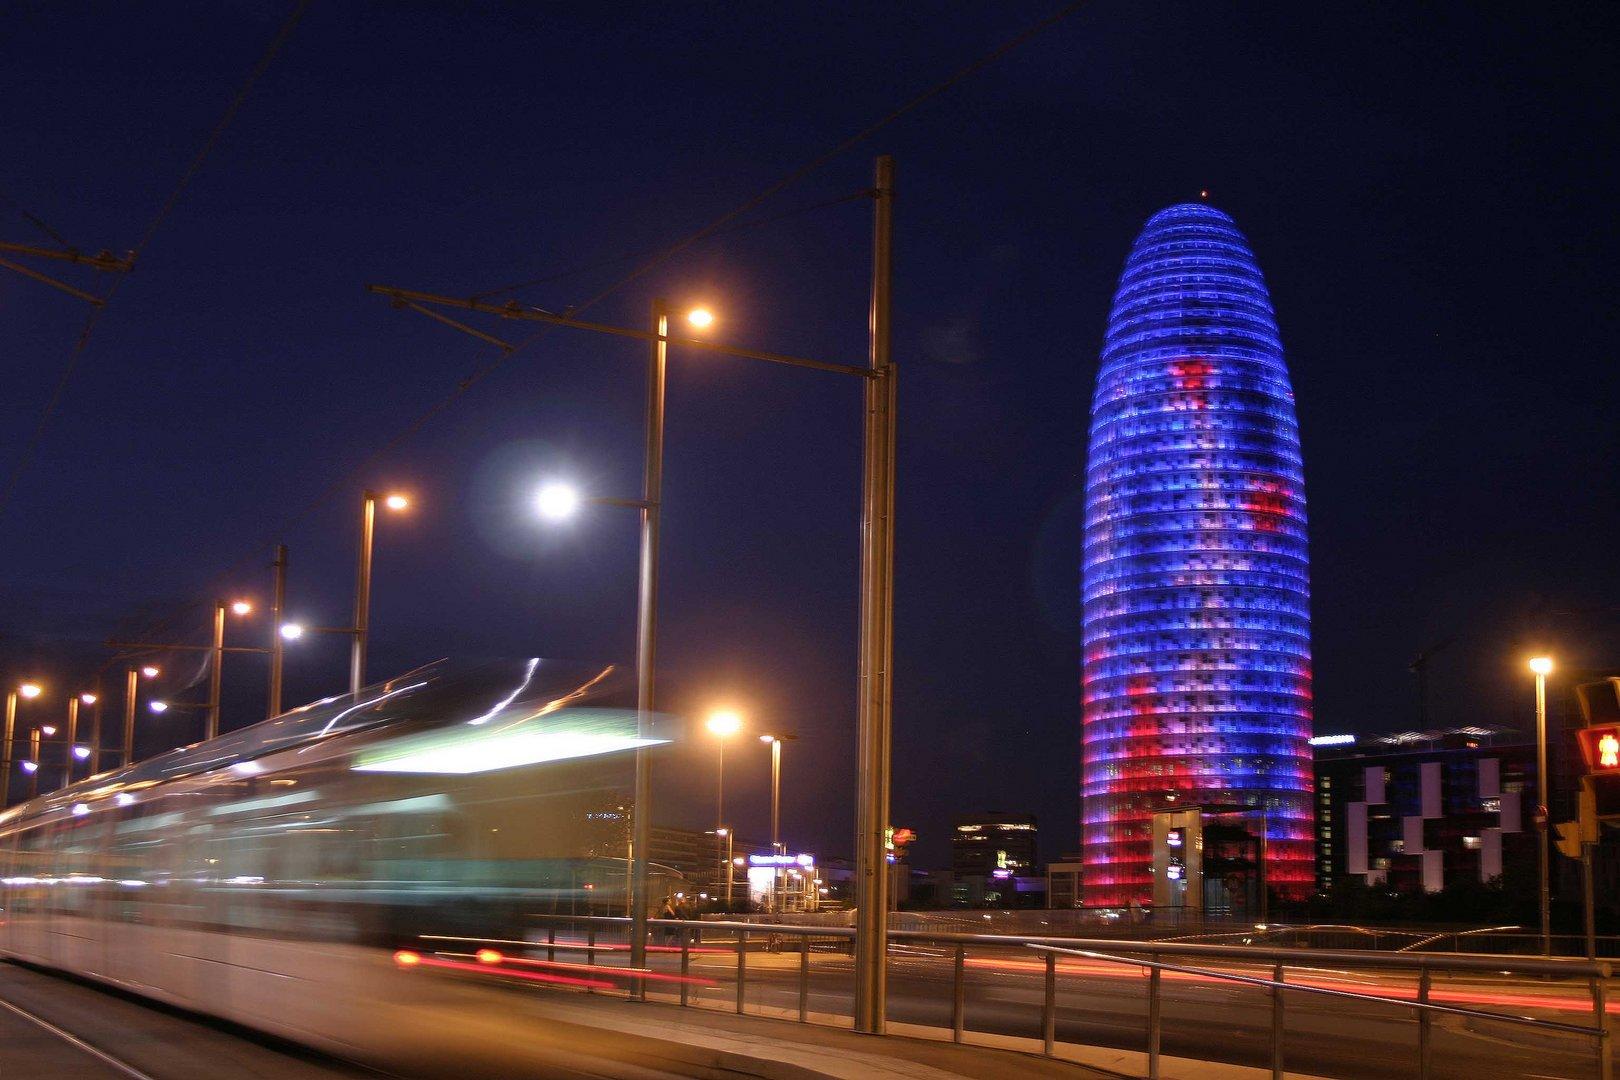 Canales Porno Baile Striptis En Barcelona los mejores clubes nocturnos en toda barcelona para ti